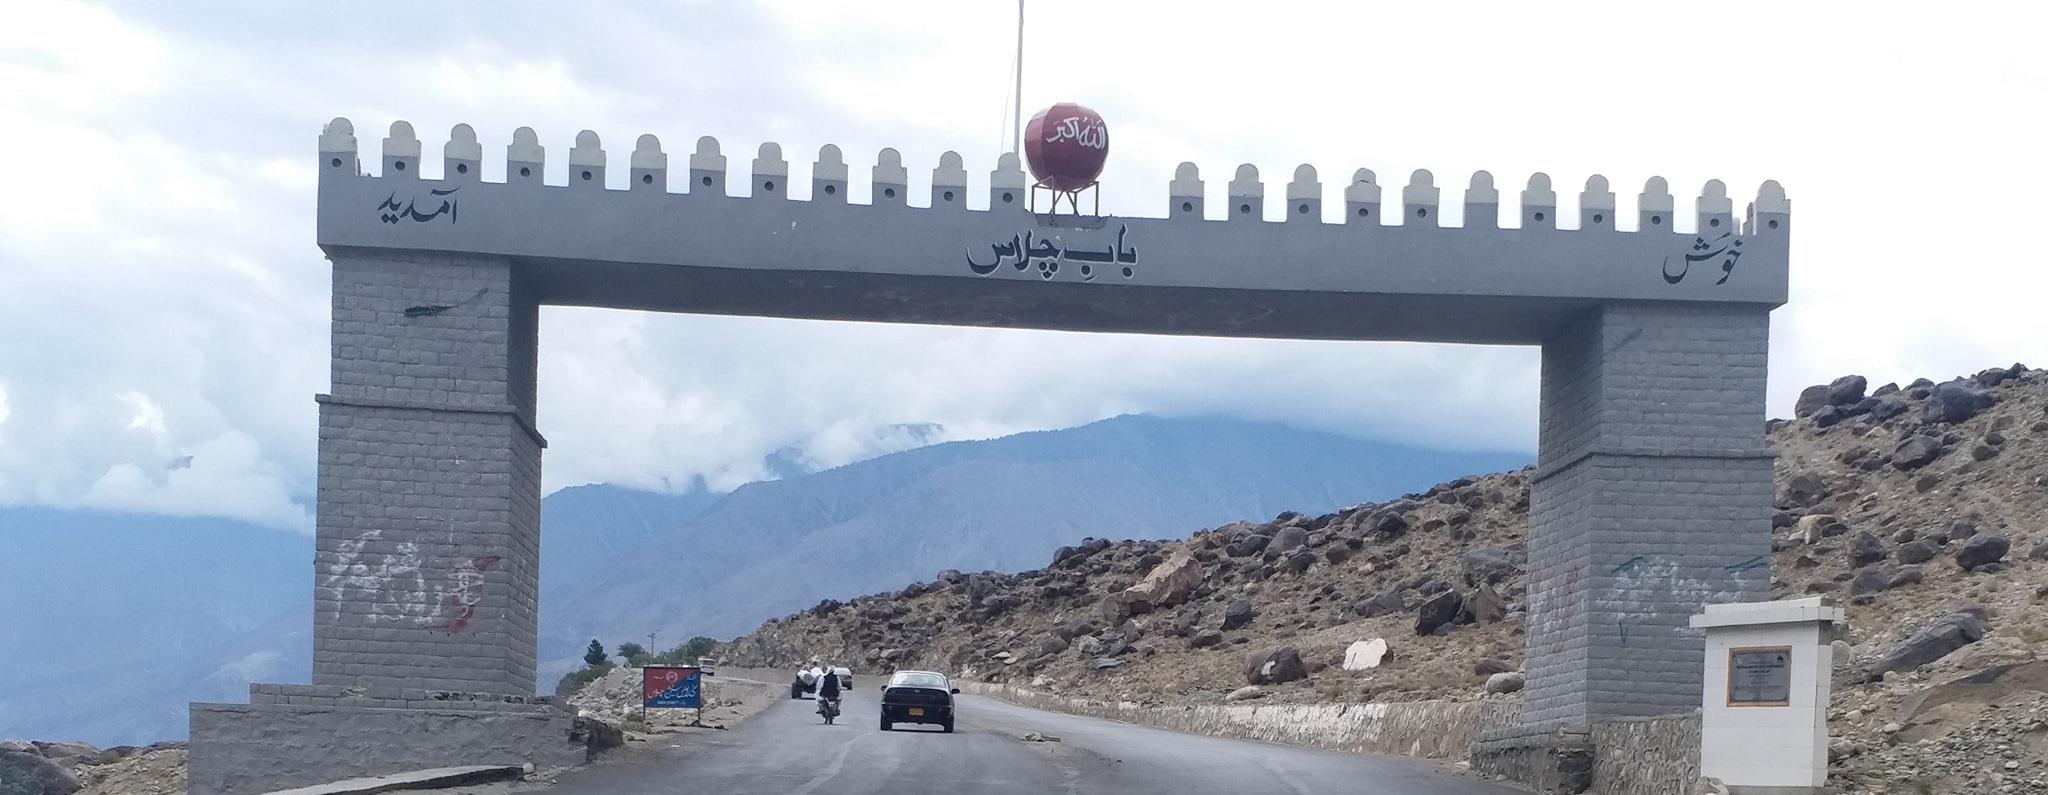 دیامر میں ترقیاتی منصوبوں پر کام کی رفتار سست ہے، ڈپٹی کمشنر ثنا اللہ خان کی صحافیوںسے گفتگو